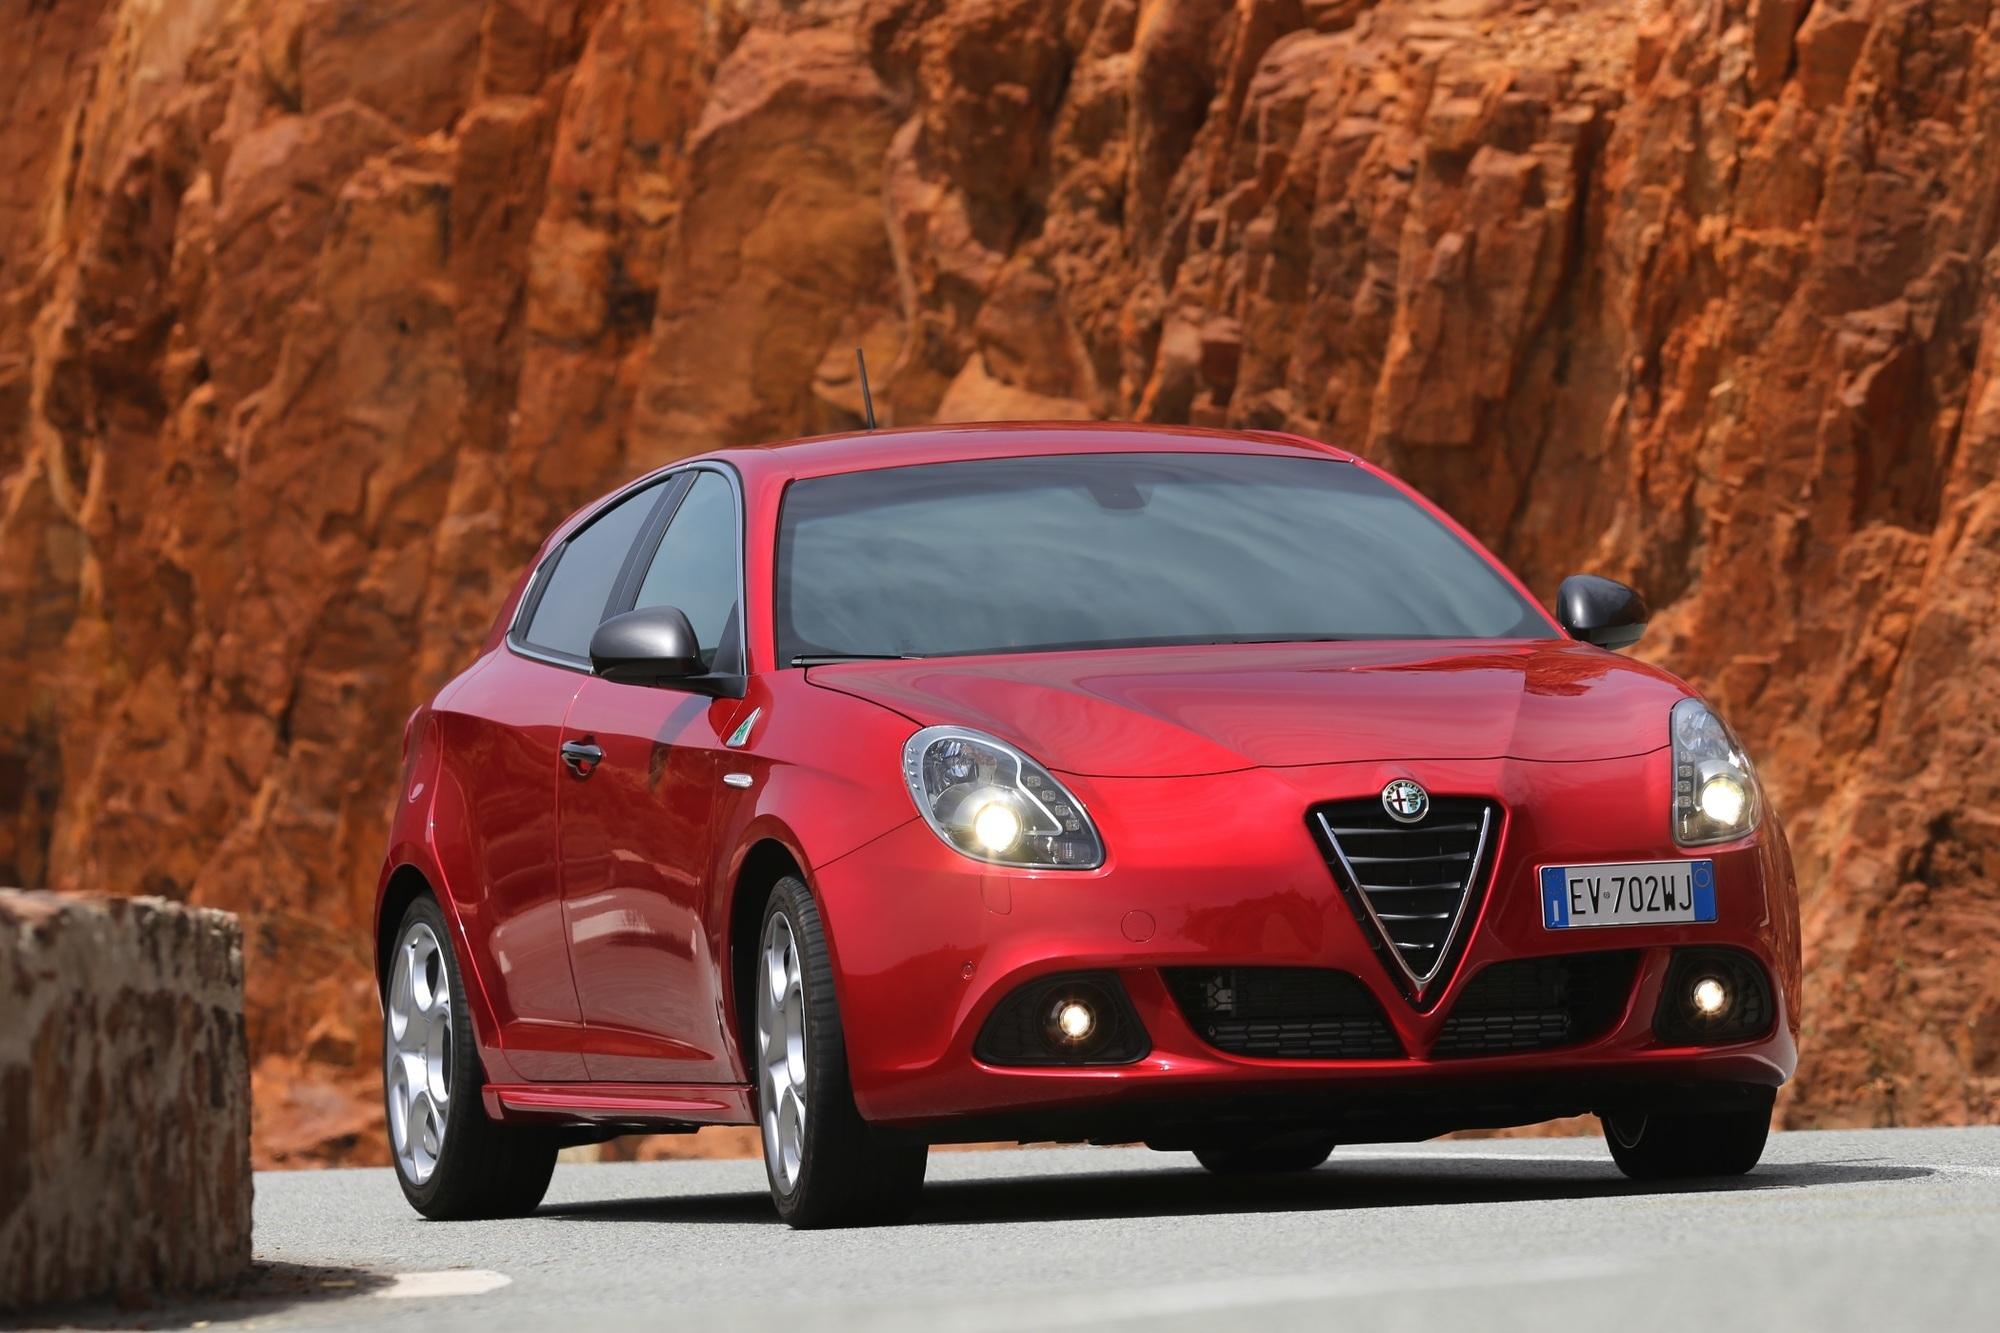 Alfa Romeo mit Eintauschprämie - Fan-Liebe zahlt sich manchmal aus